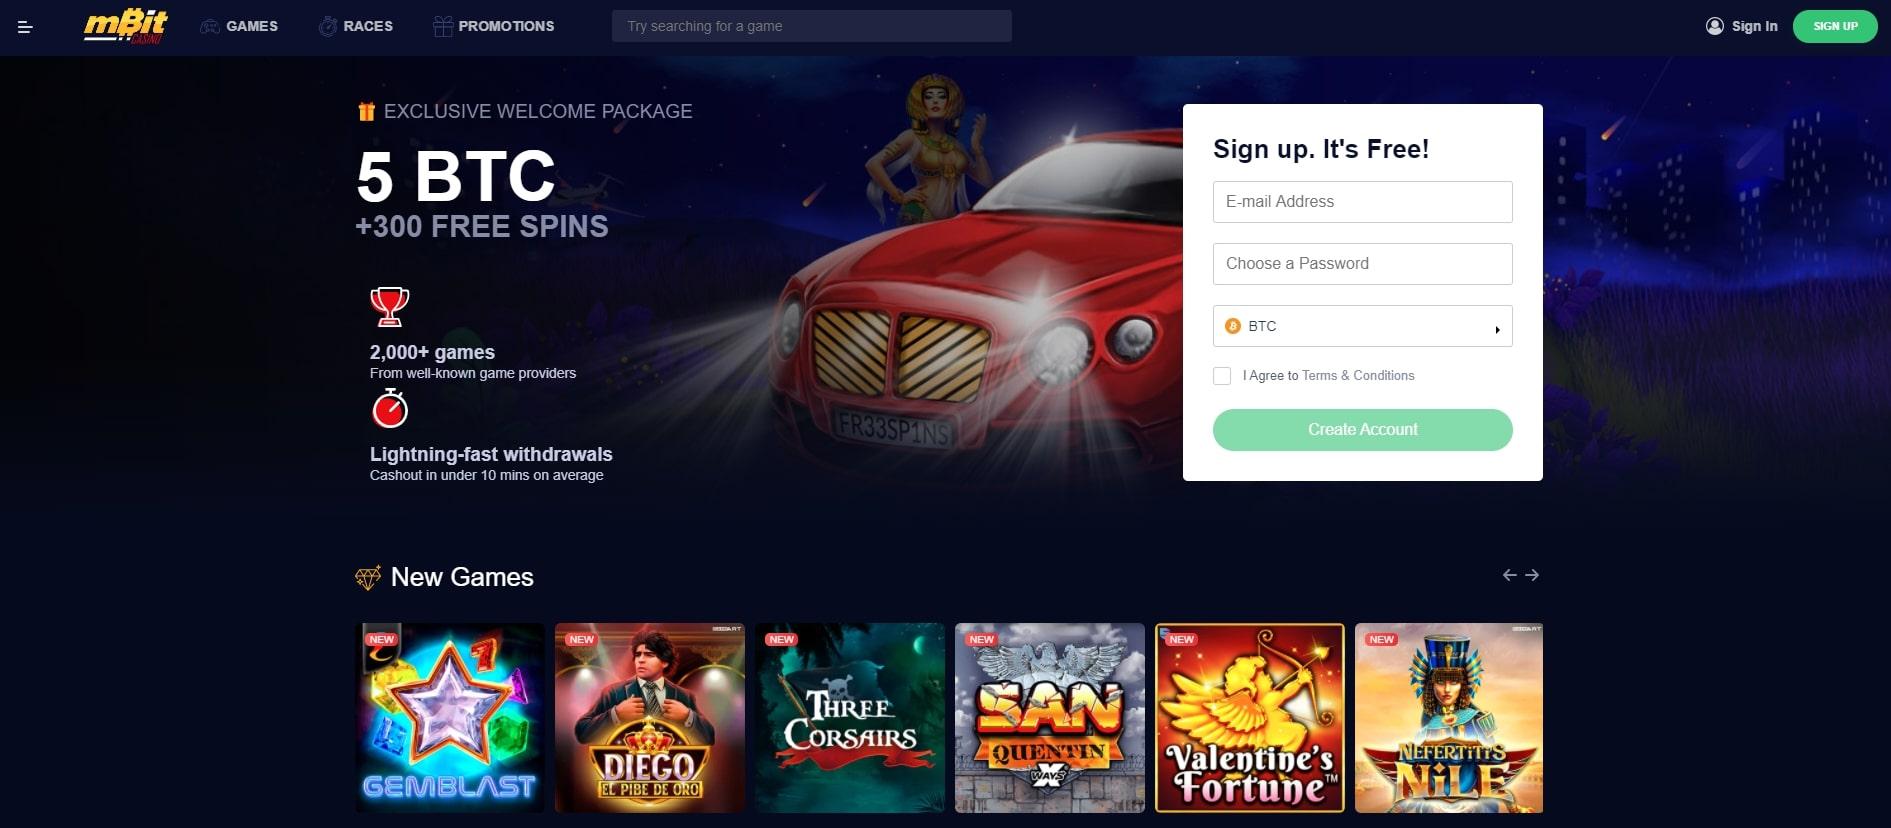 mbitcasino.com homepage